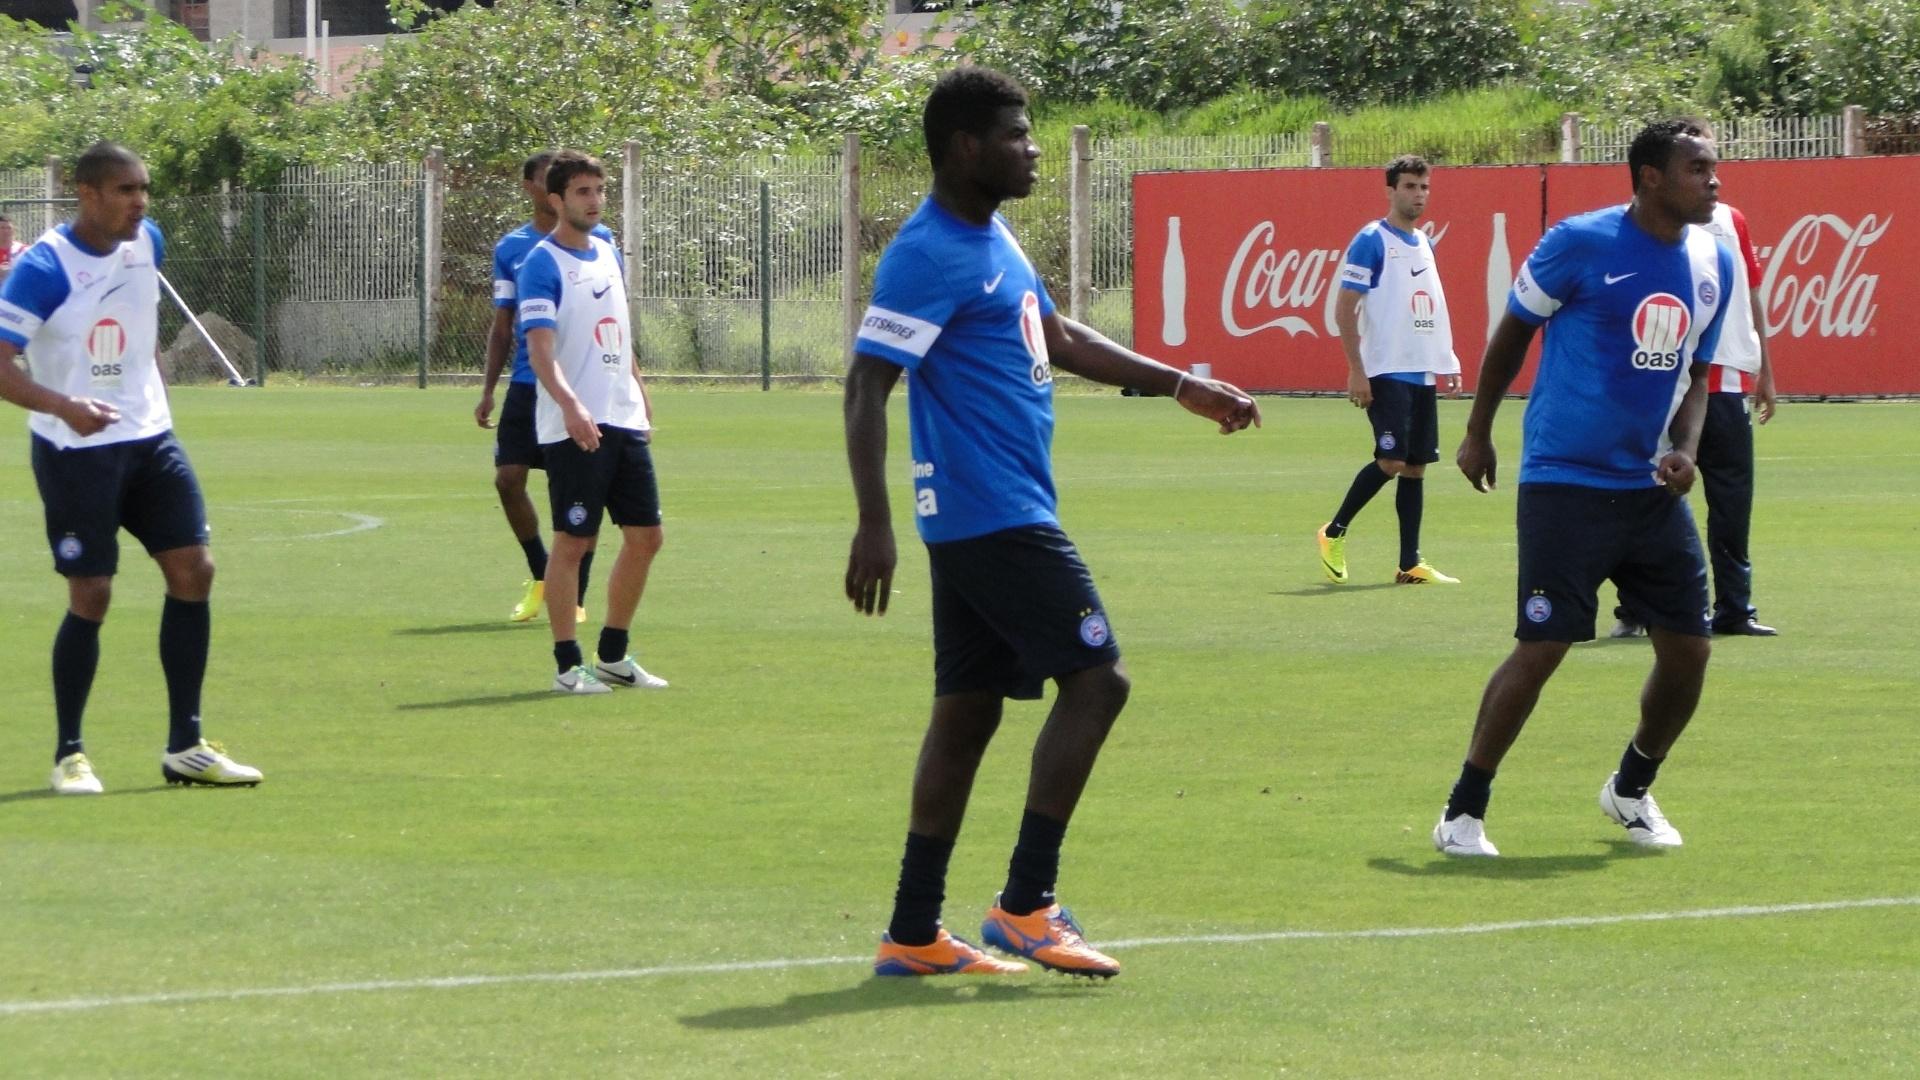 Atacante Obina em treino do Bahia no CT Parque Gigante que pertence ao Internacional (02/11/2013)